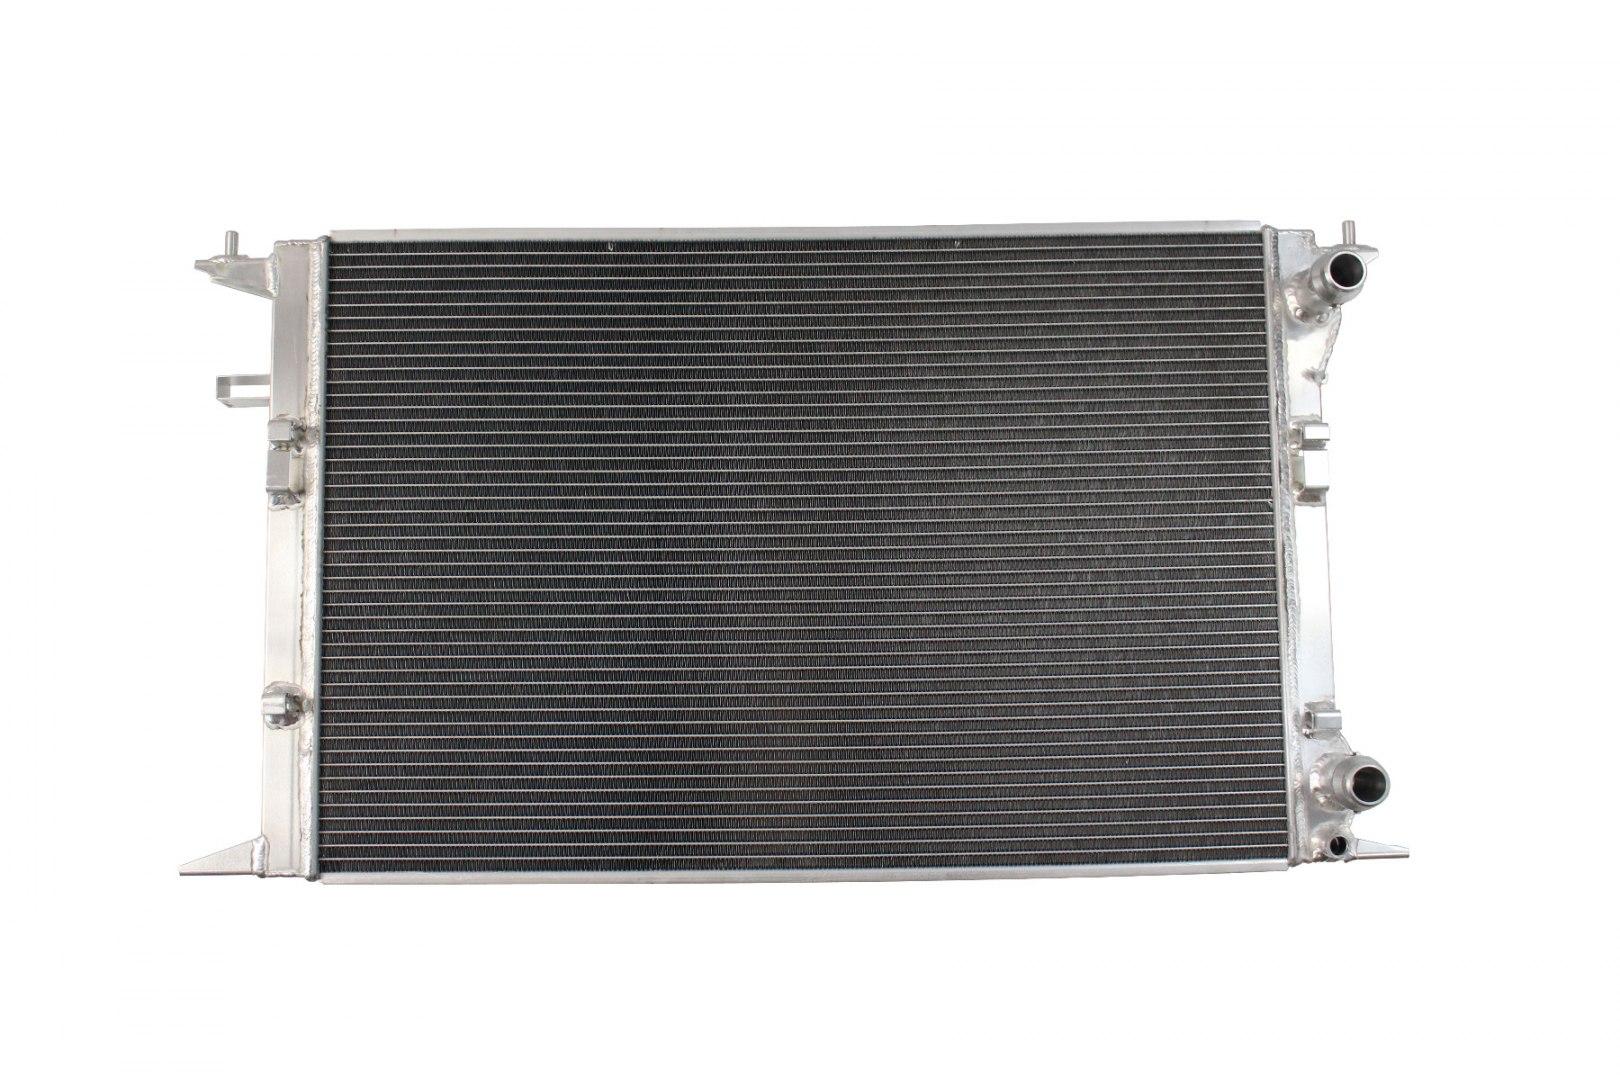 Sportowa Chłodnica Wody Audi A4 / S4 / A5 / A6 / Q3 / Q5 TurboWorks - GRUBYGARAGE - Sklep Tuningowy